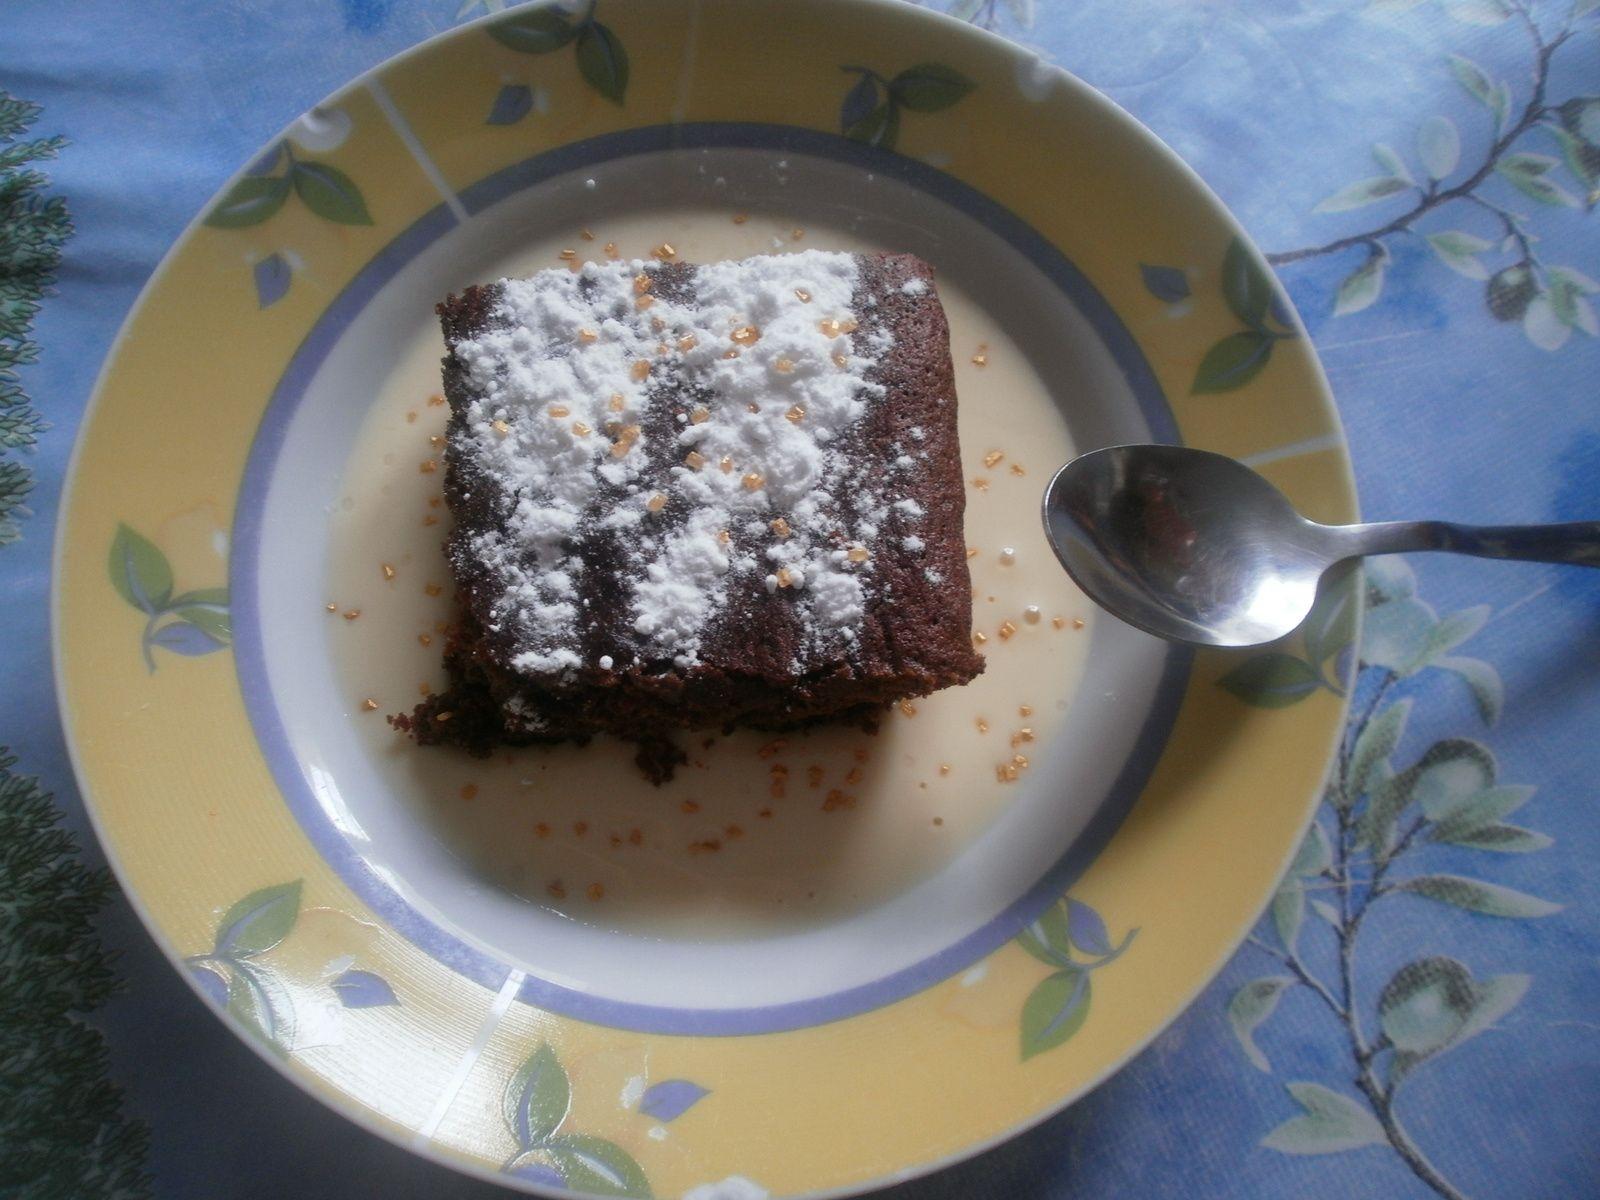 Recette de gâteau au deux chocolats avec de la crème anglaise